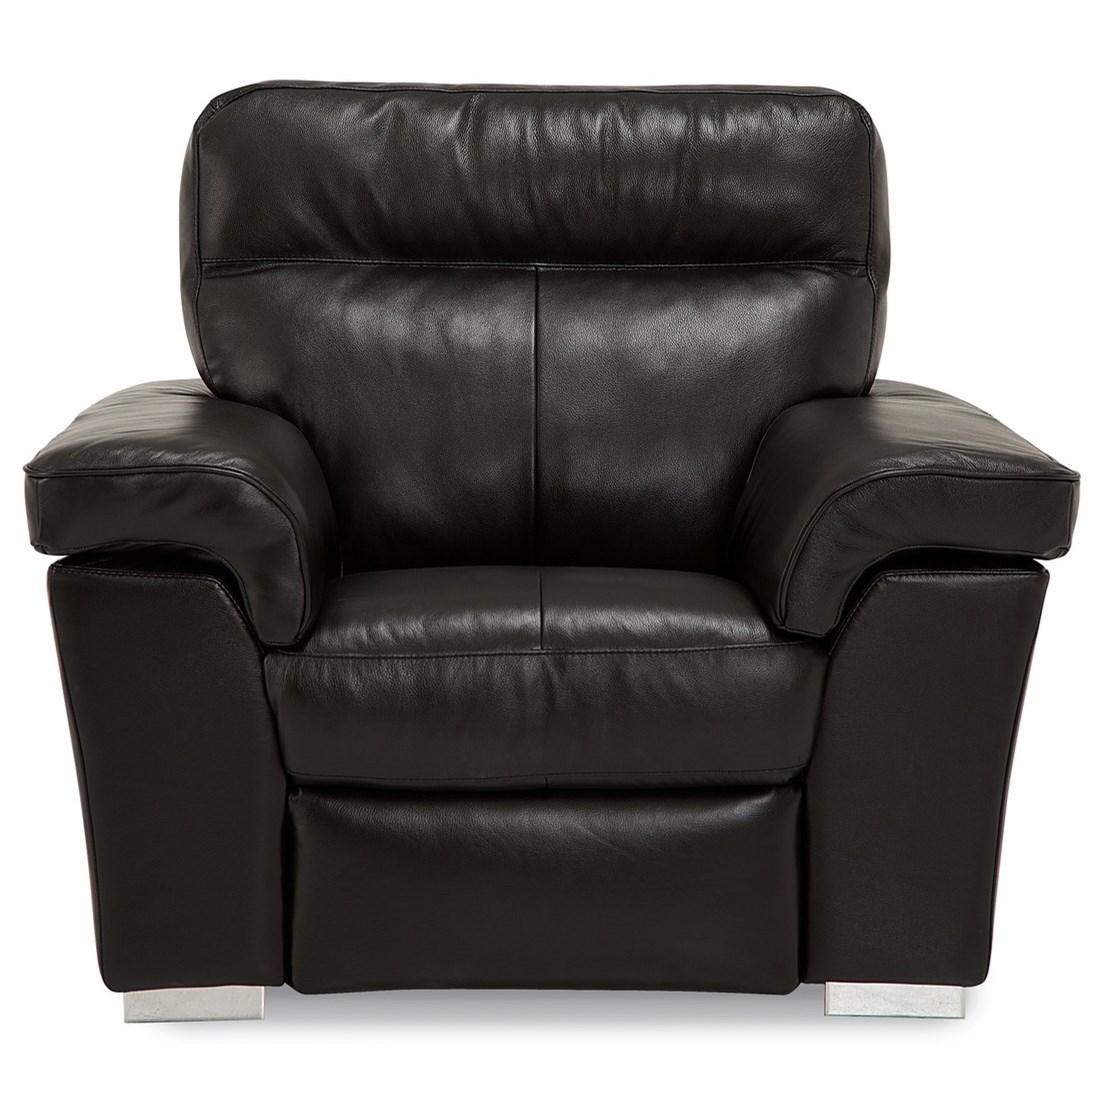 Alaska Reclining Chair by Palliser at Mueller Furniture